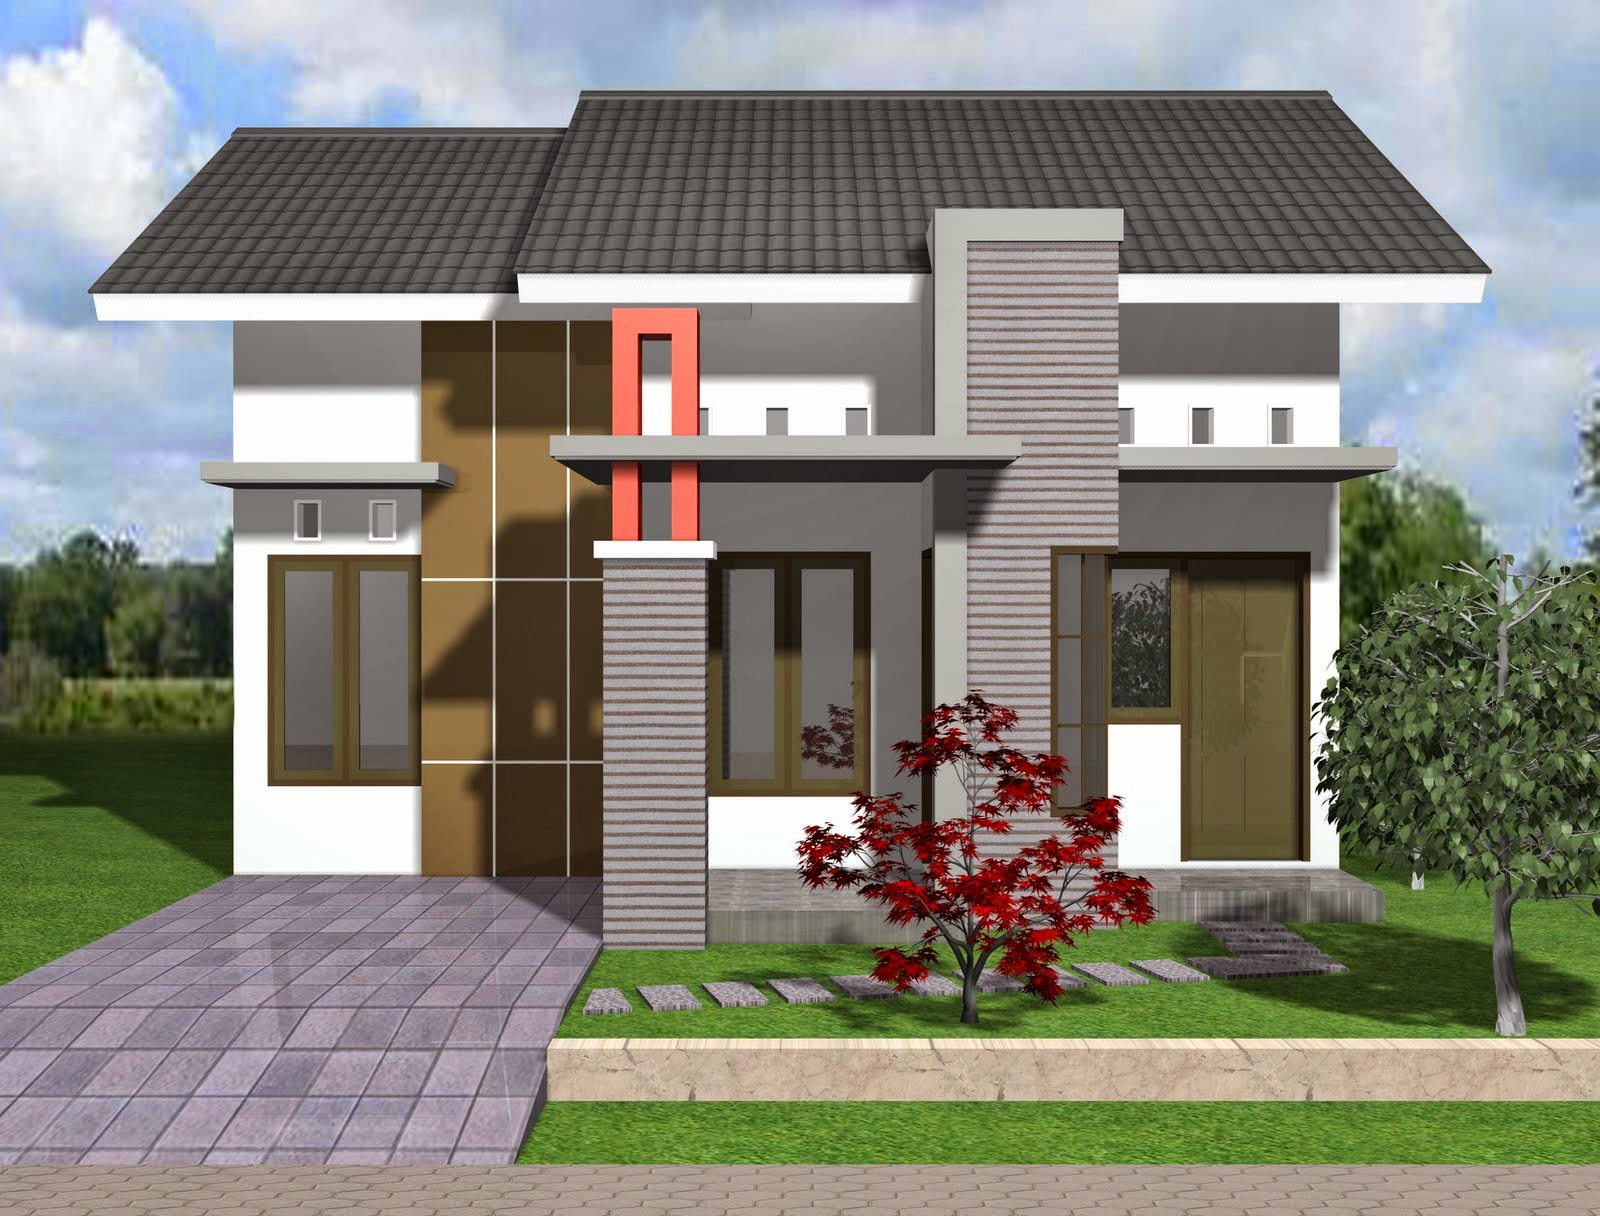 Gambar desain rumah minimalis tipe 21 modern